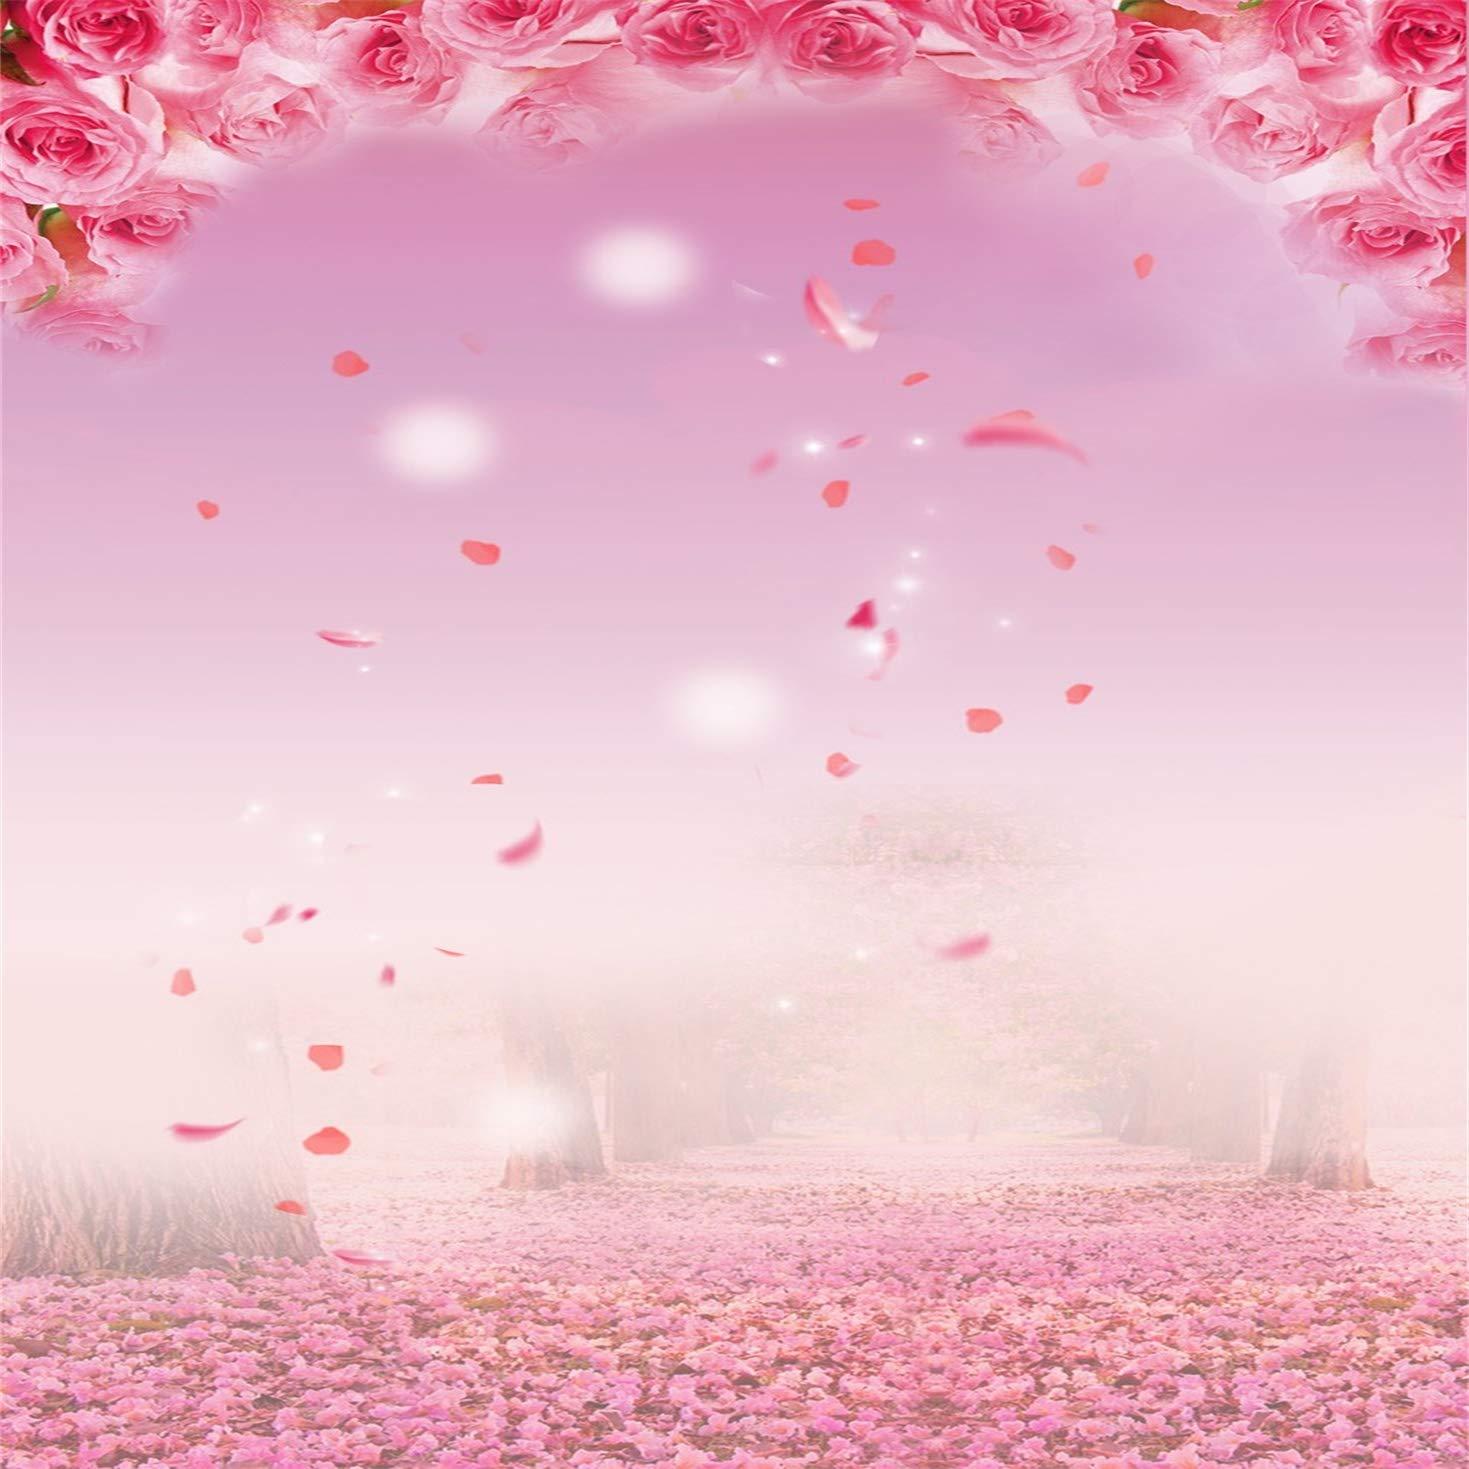 【500円引きクーポン】 Kate B07M5YXFTY 10x10フィート ピンクの花 写真背景 Kate 写真背景 ステージ装飾 花びら 誕生日写真ブースの背景 (ポケット付き) B07M5YXFTY, ミハルマチ:a734e622 --- arianechie.dominiotemporario.com